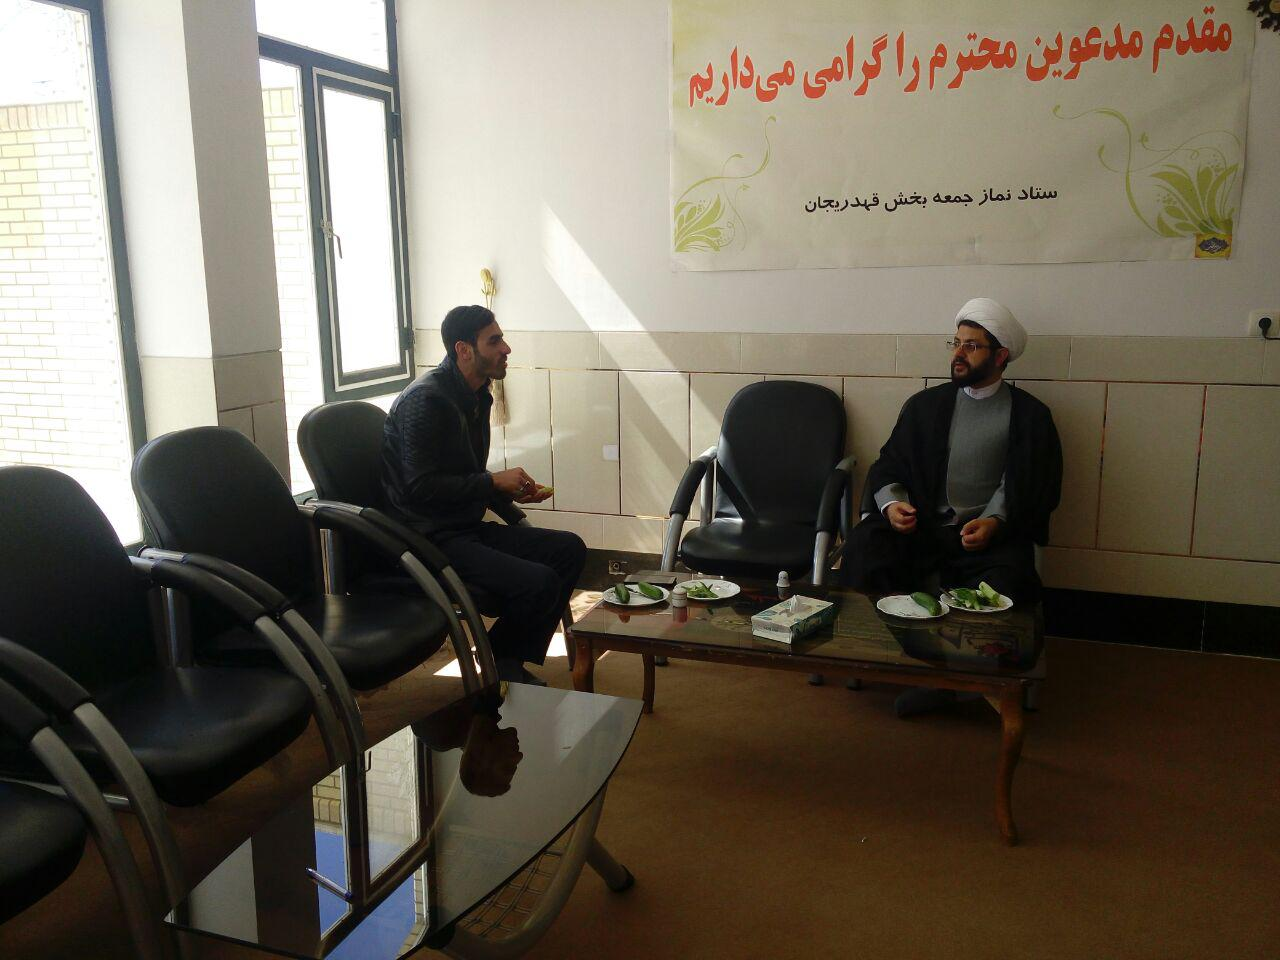 دیدار مسئول گروه فرهنگی صابرین با امام جمعه محترم شهر قهدریجان در دفتر